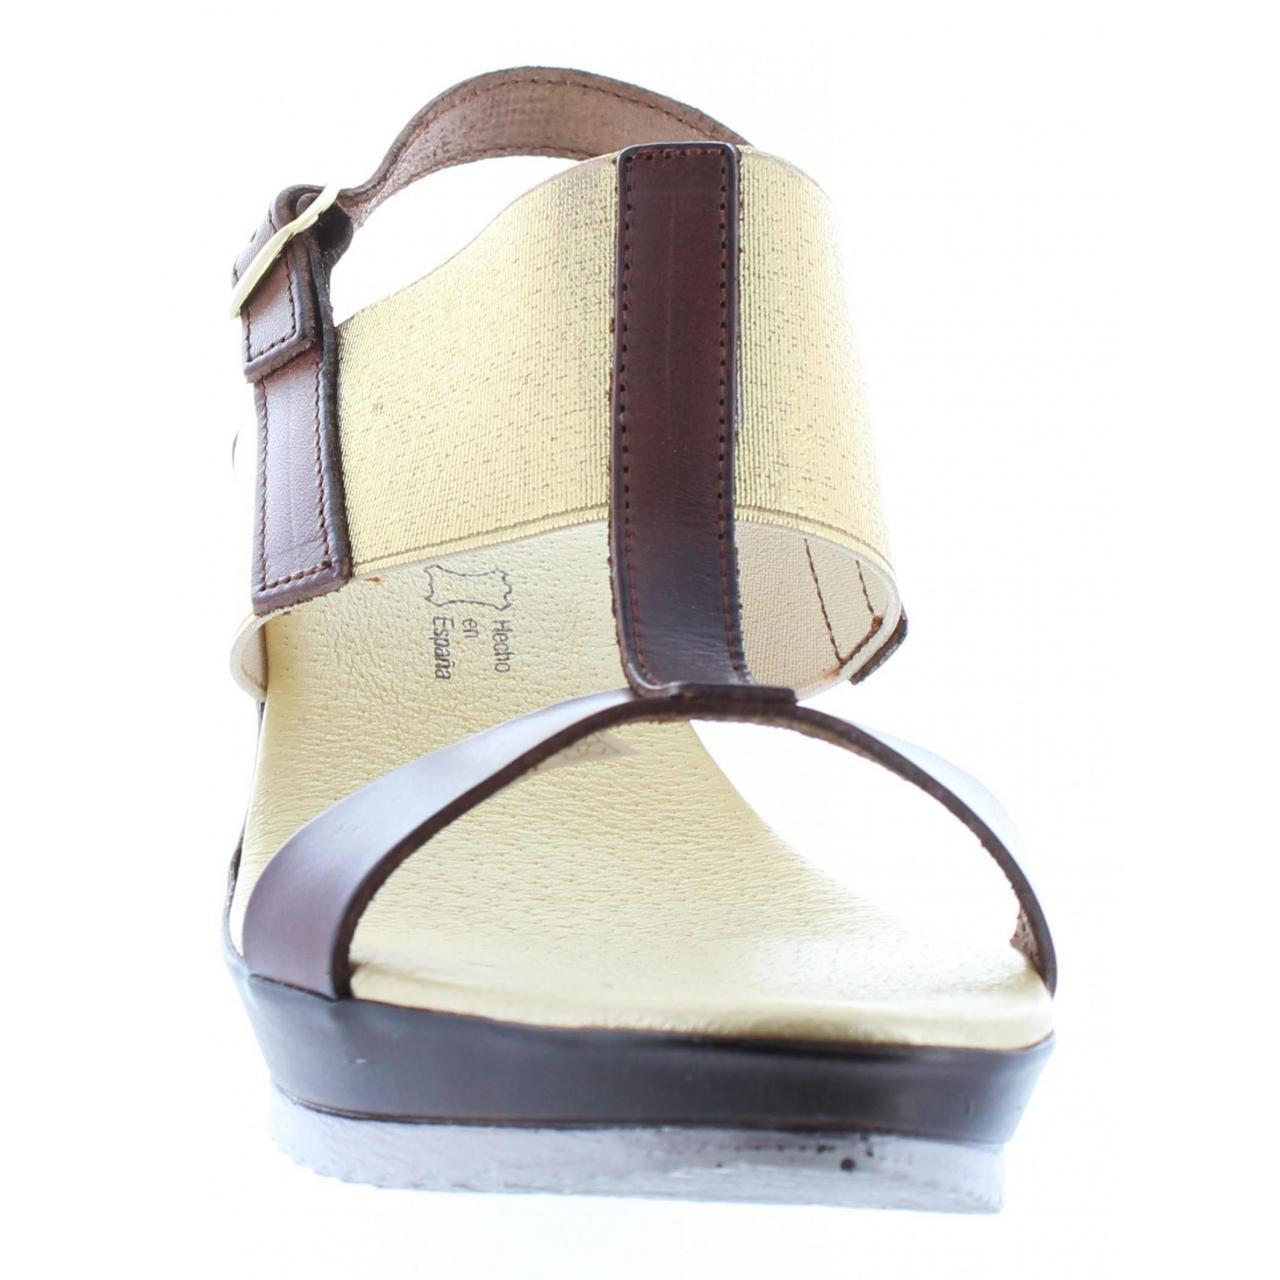 CUMBIA Schuhe Damen Keilabsatz für Damen Schuhe 30133 NUEZ-Gold 7b3fa9